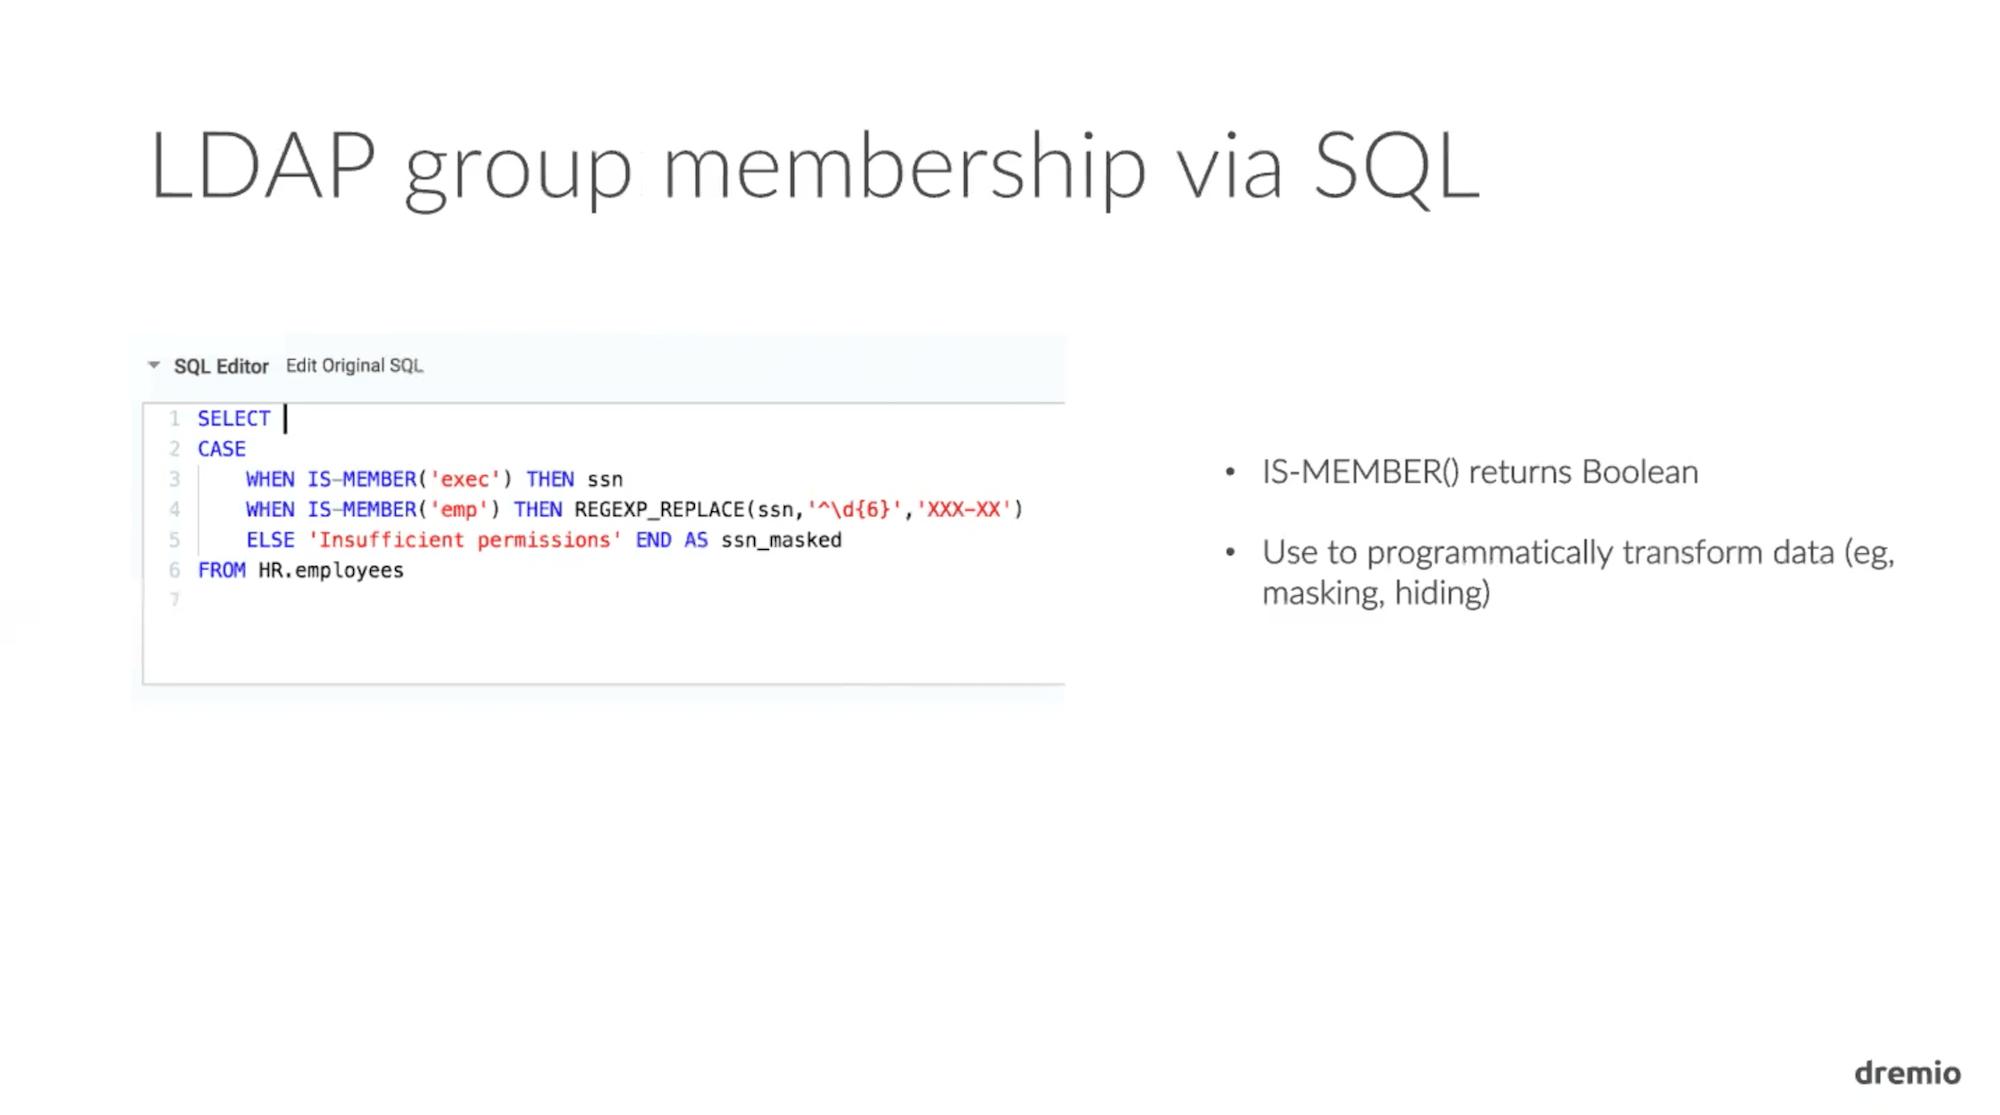 Dremio 1.3 LDAP Group Membership via SQL